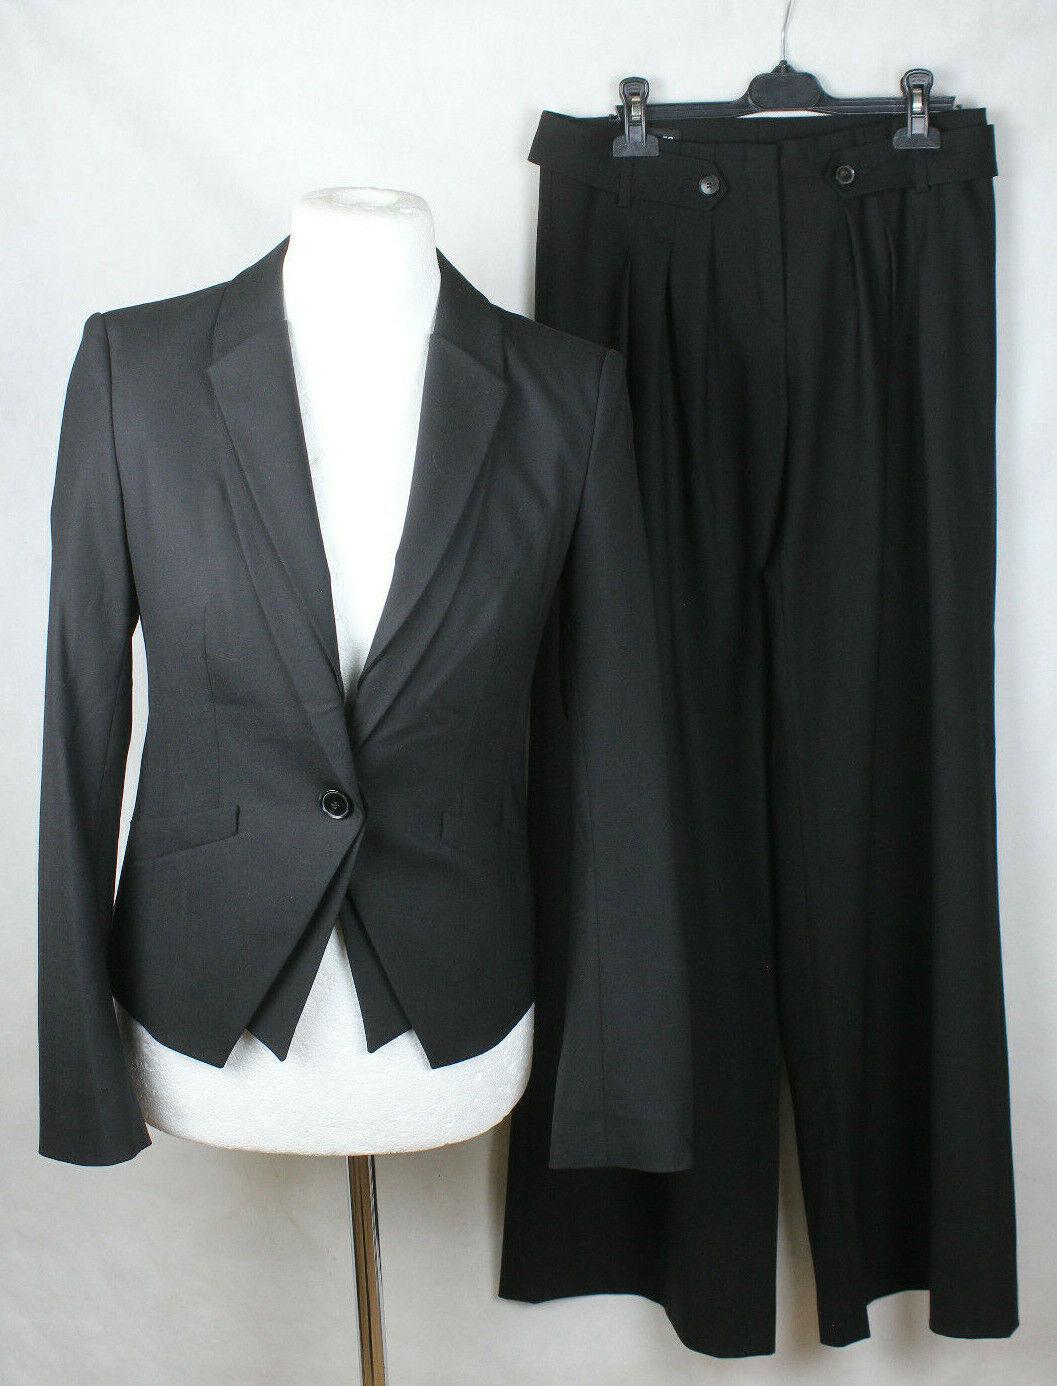 Toni Gard Anzug Hosenanzug in schwarz,Wolle&Elastan, Damen Gr.36 L34,sehr gut